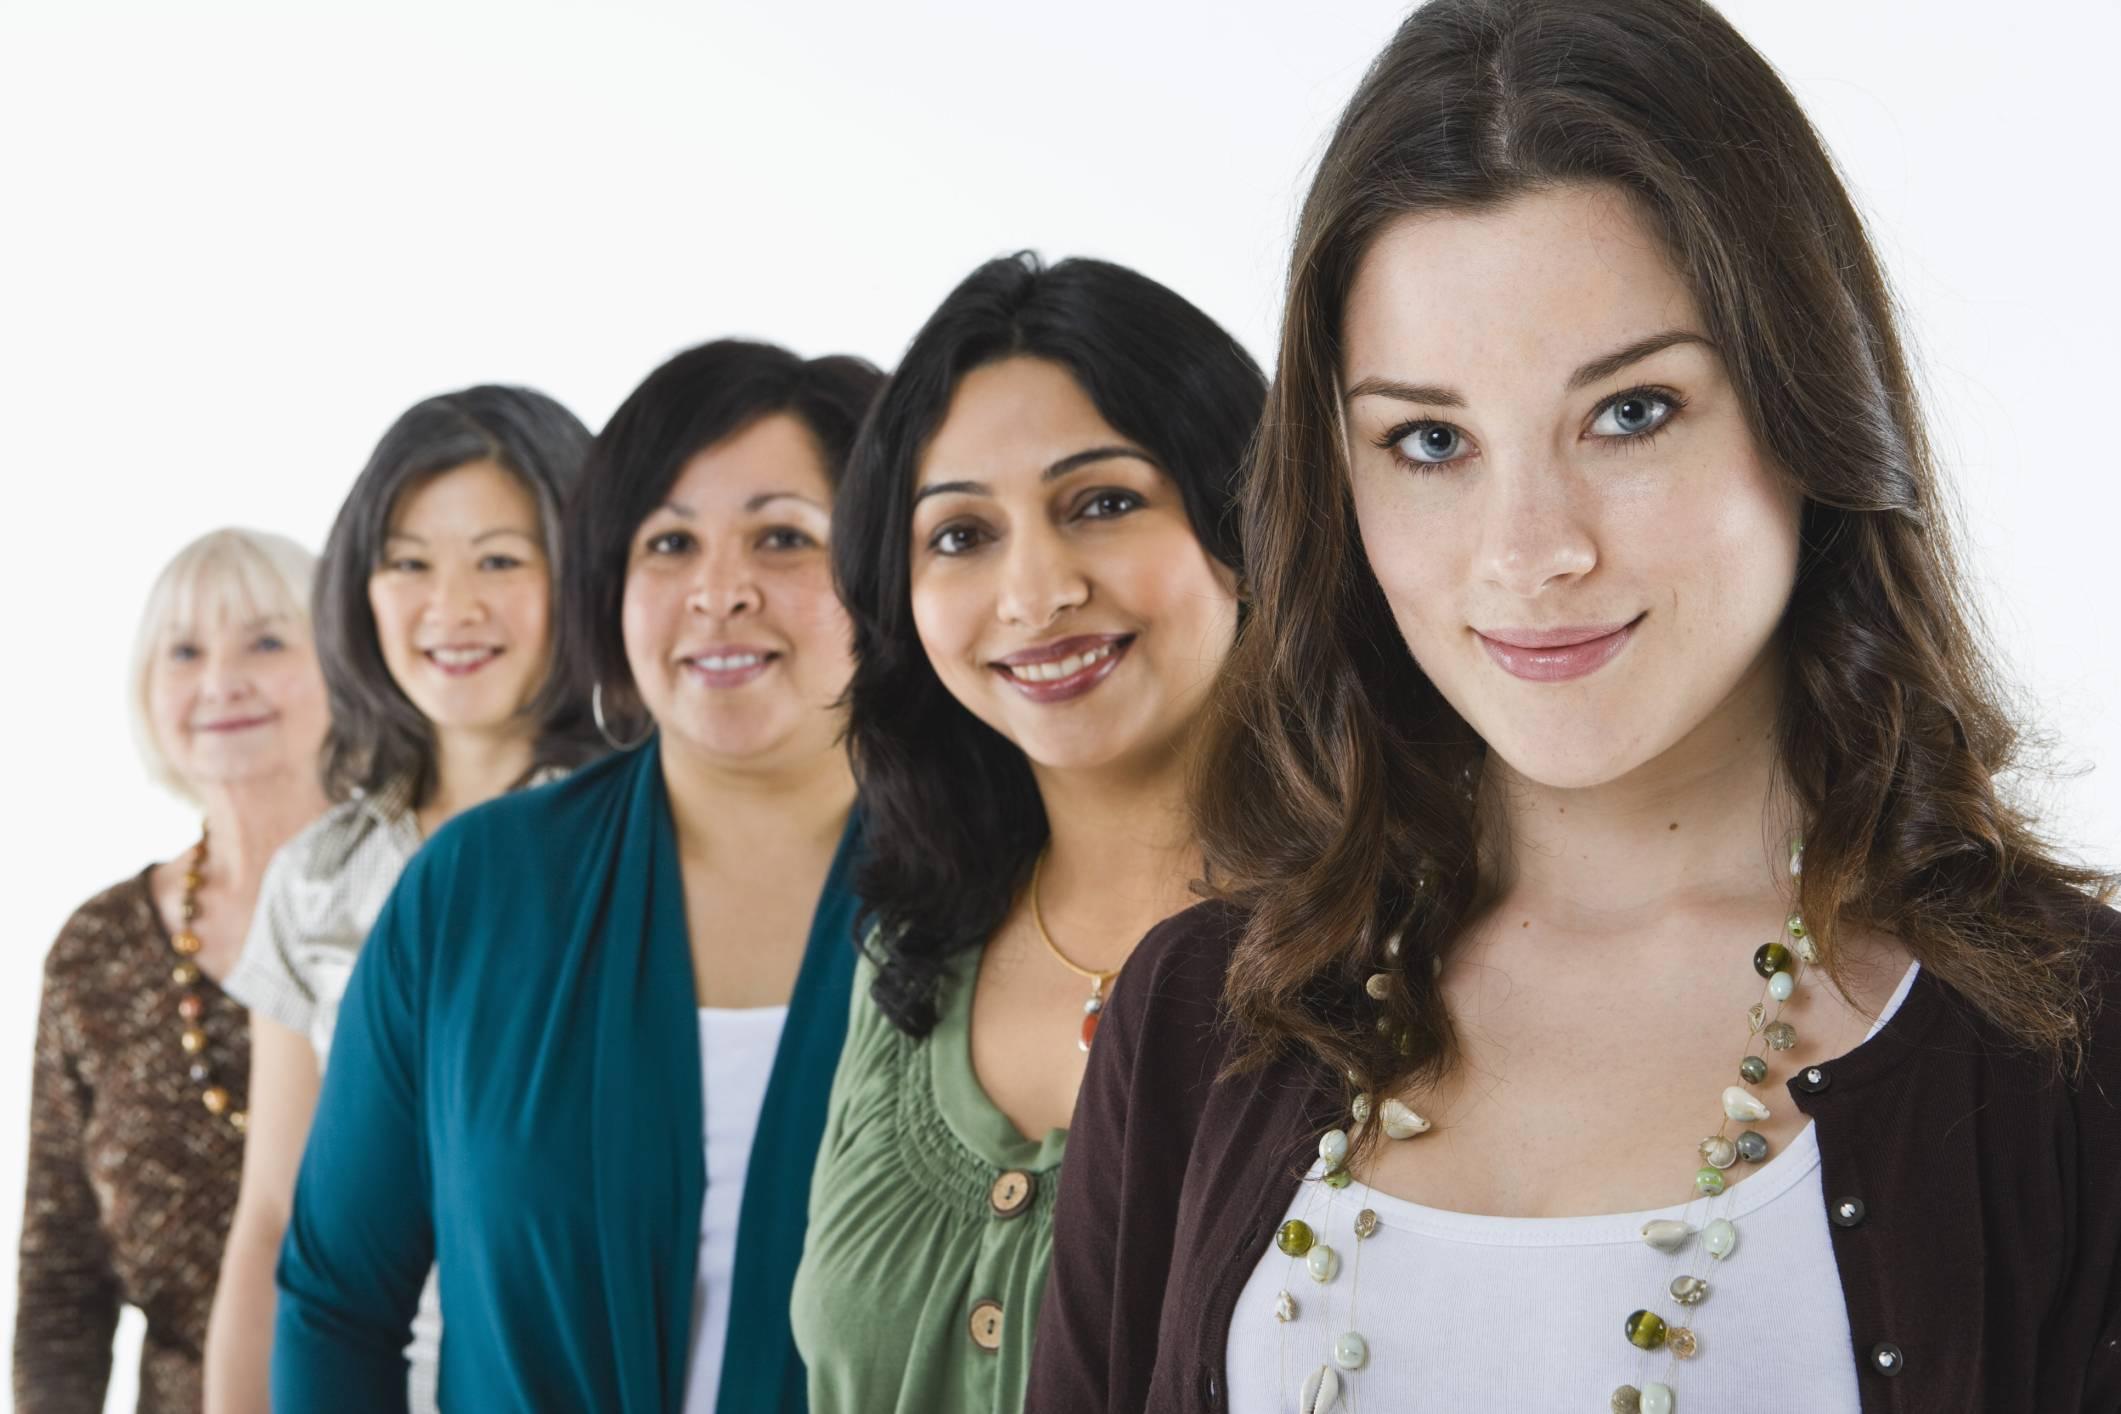 mujeres1-6b2e7b276b80c58b6fbdf627100c42dc.jpg